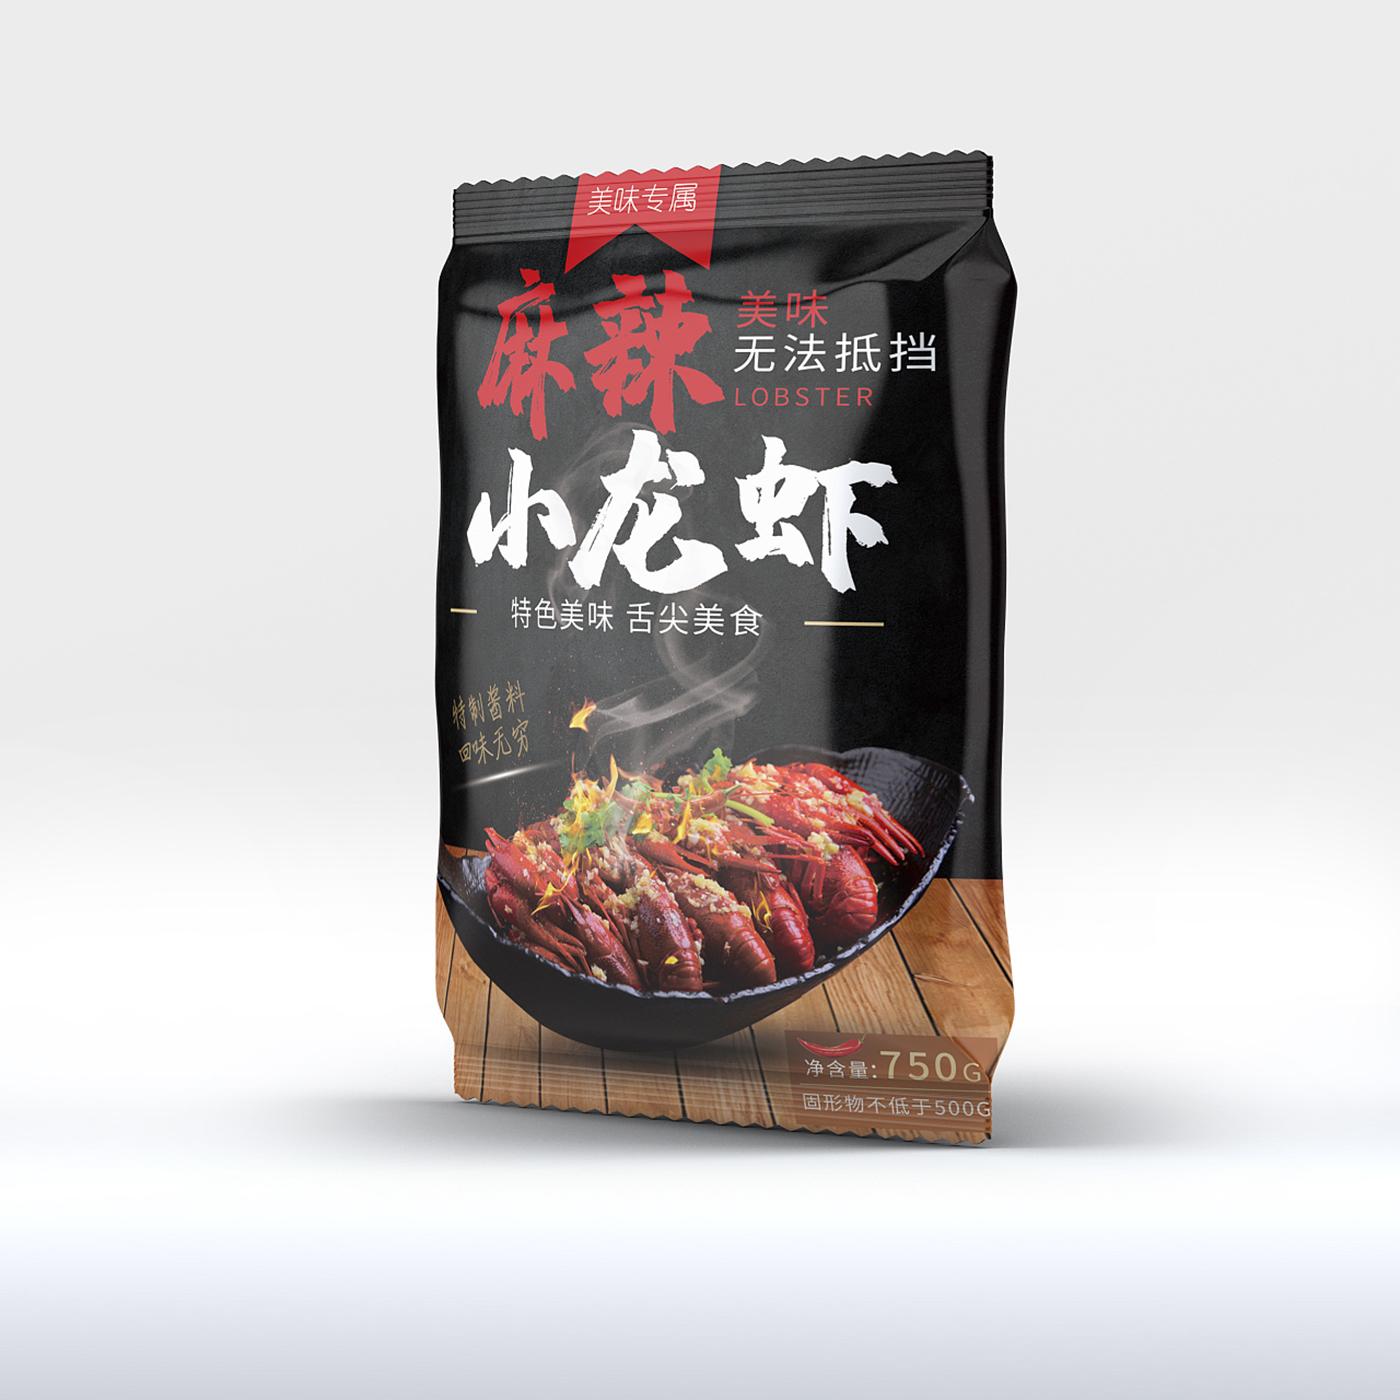 食品包装设计——小龙虾